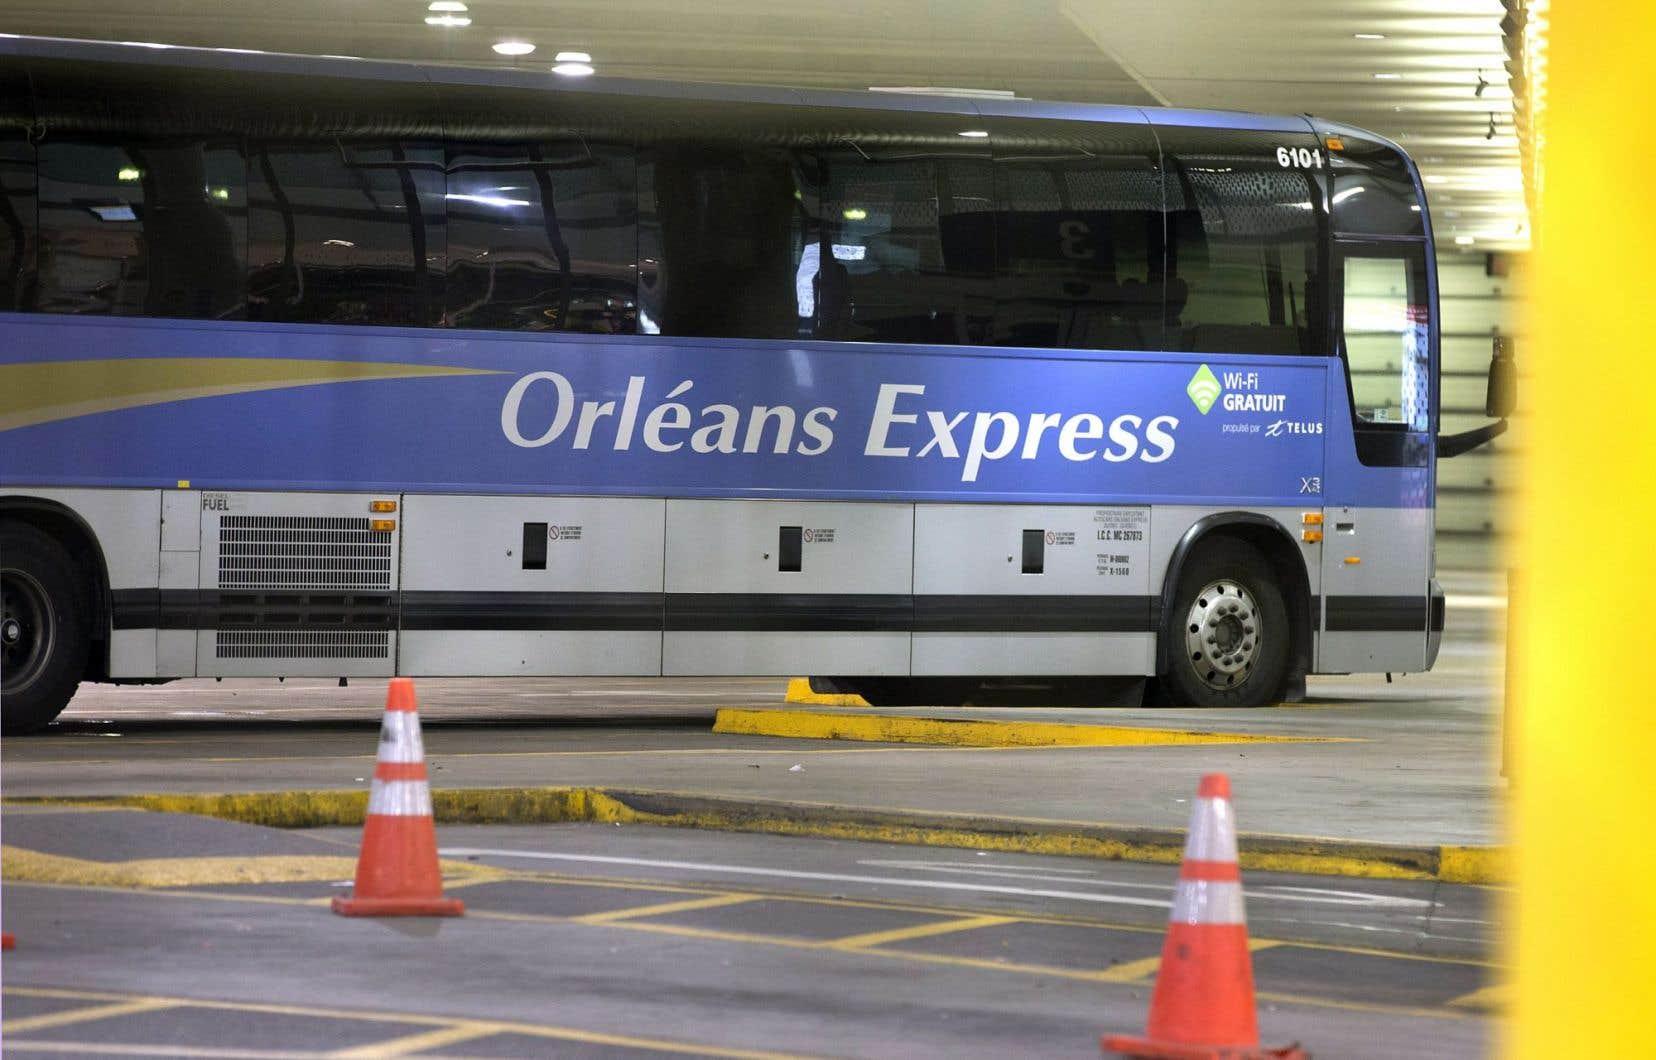 Orléans Express souhaite se concentrer sur certaines villes du réseau, car plus aucune ligne, même pas Québec-Montréal, n'est rentable.